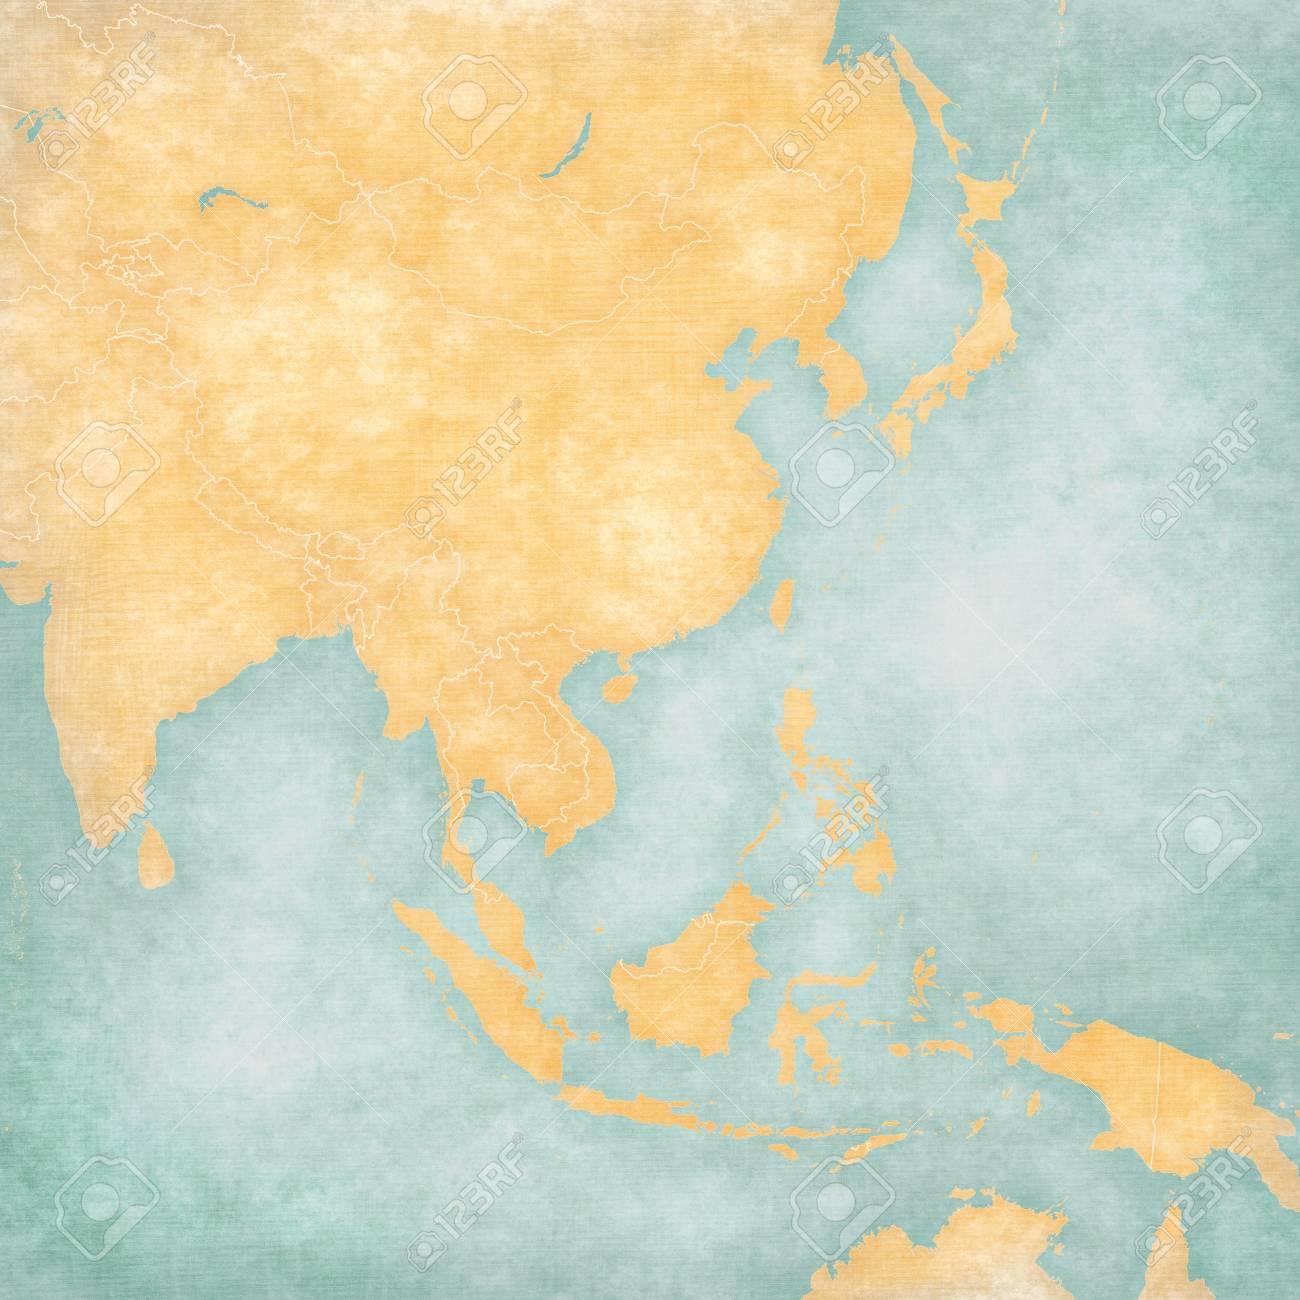 Carte De Lasie De Lest Vierge.Carte Vierge De L Asie De L Est Et Du Sud Est Avec Des Frontieres De Pays En Grunge Doux Et Style Vintage Comme Un Vieux Papier Avec Une Peinture A